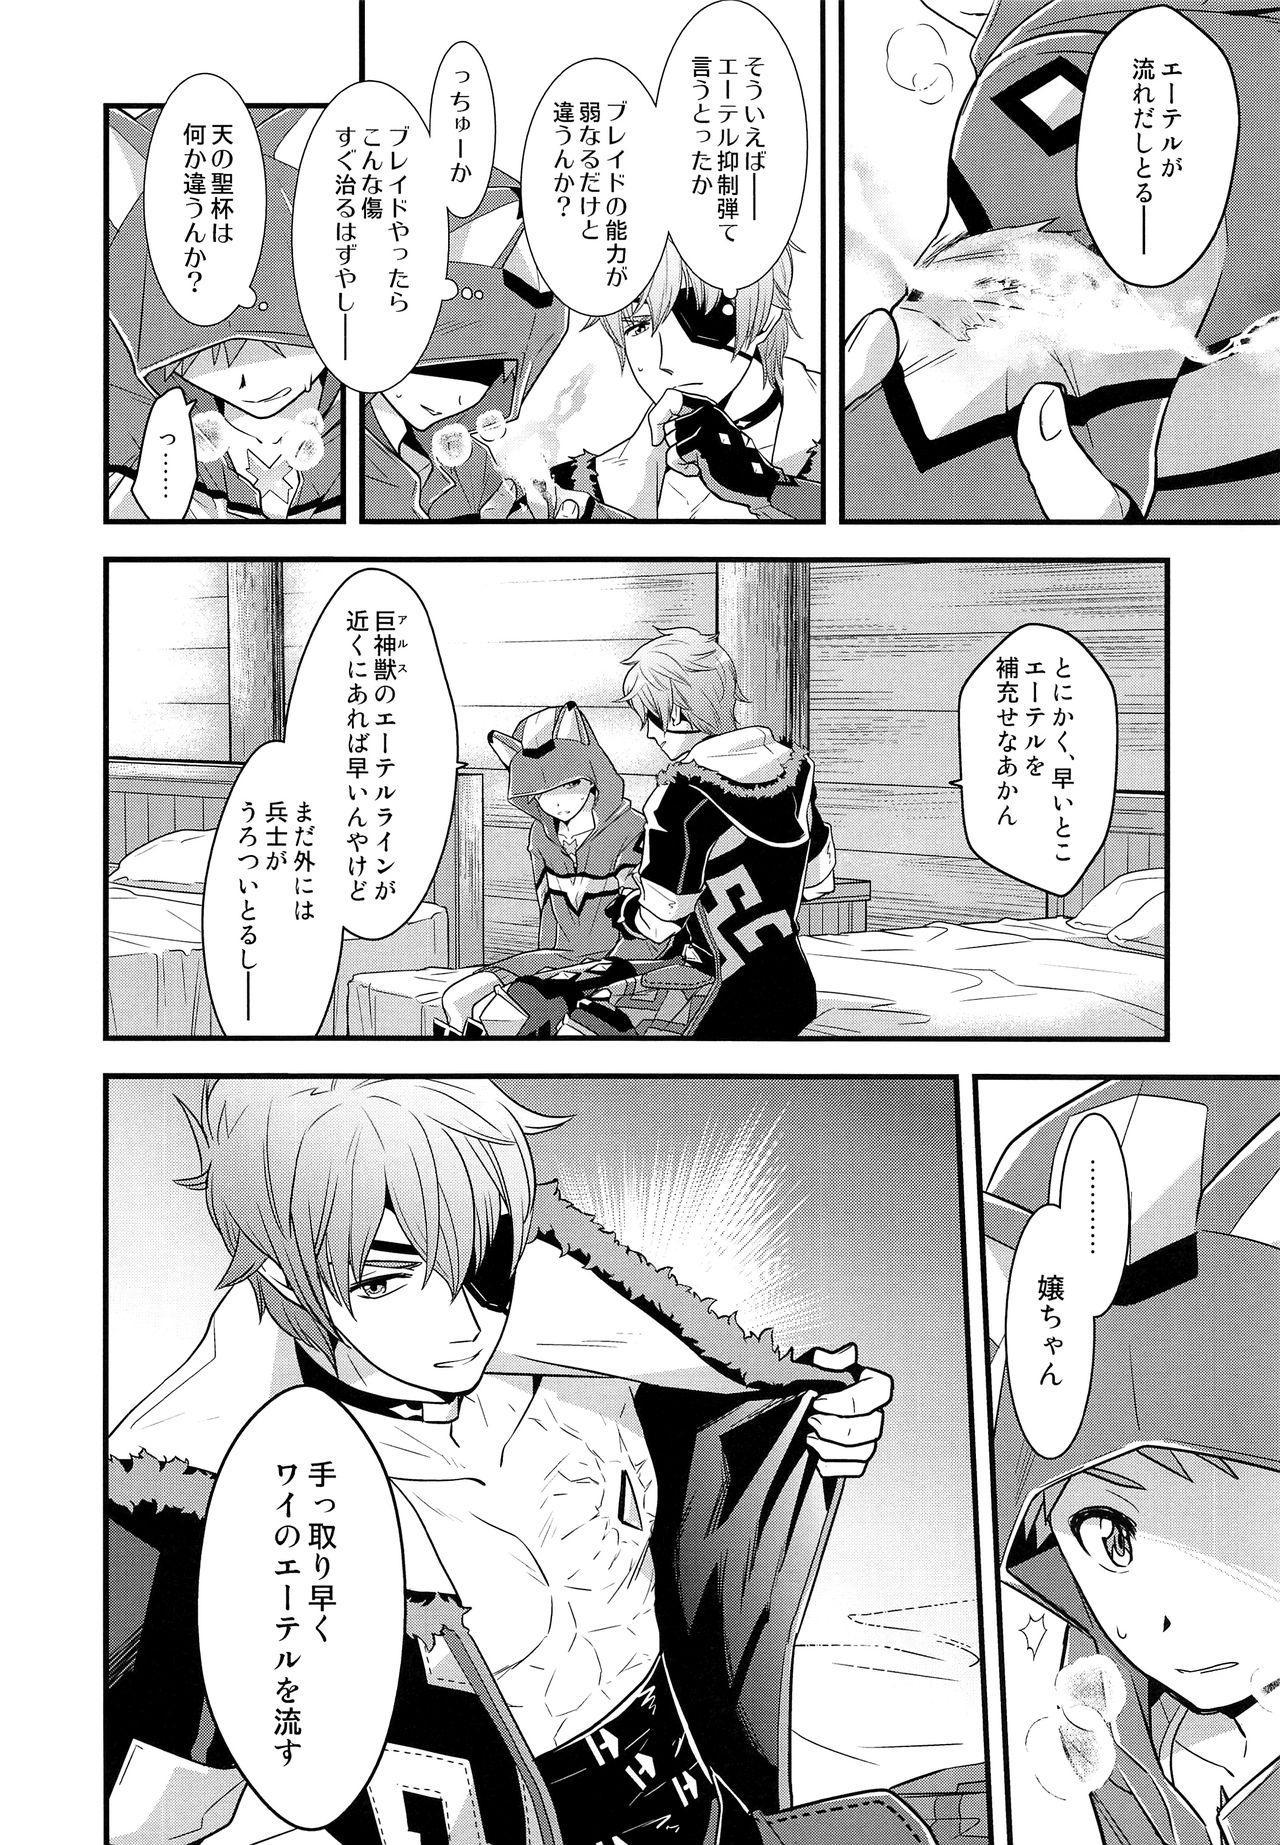 if no Kizuna 14